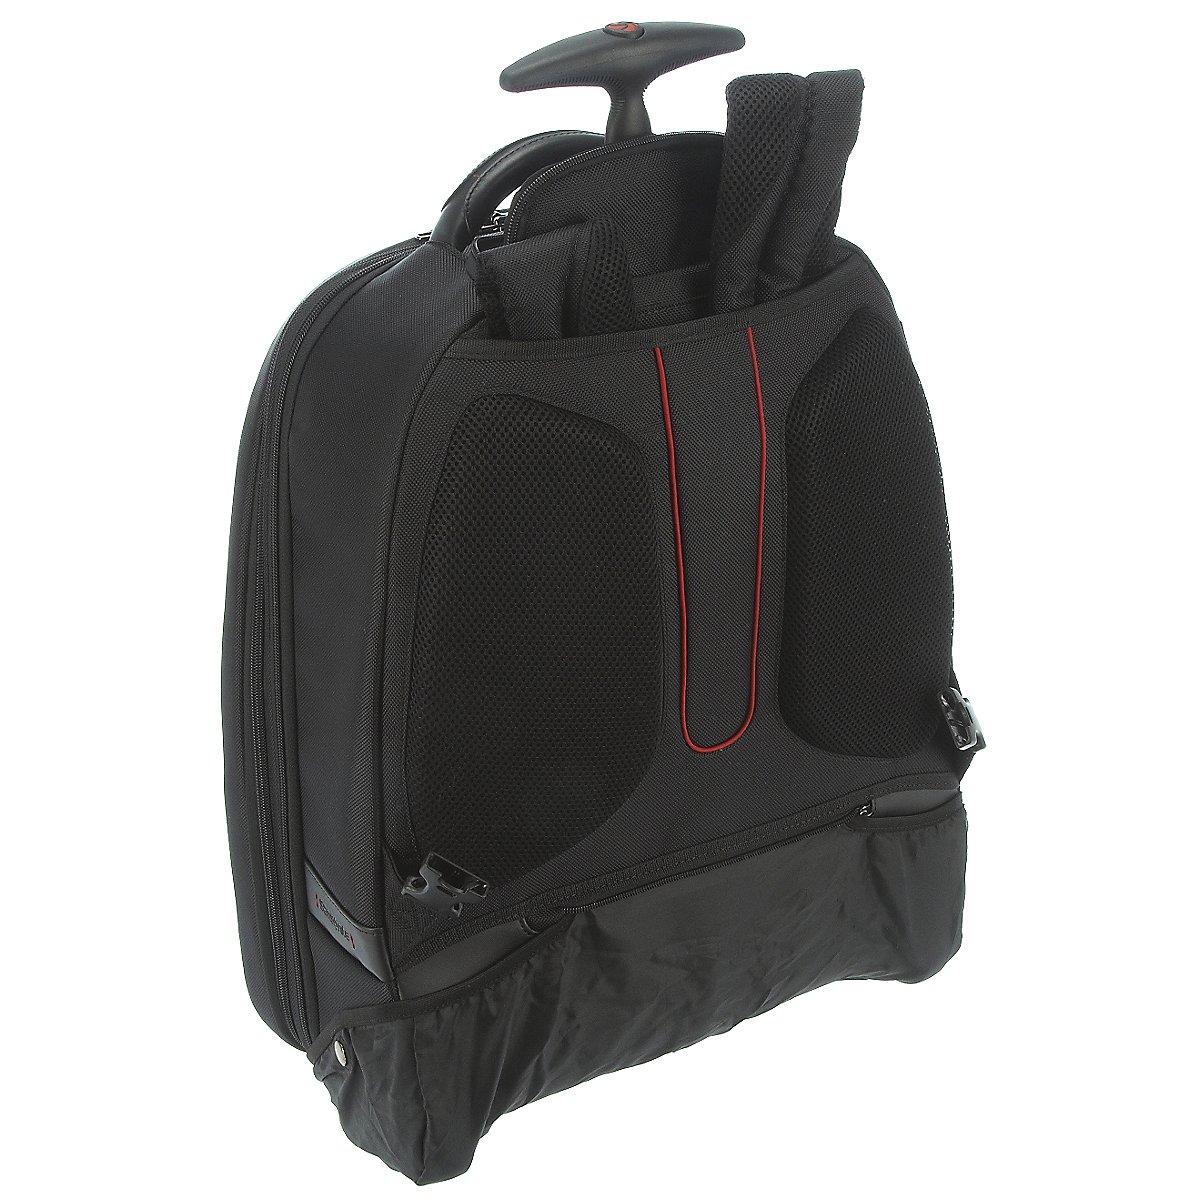 samsonite pro dlx 4 laptop rucksack mit rollen 54 cm koffer. Black Bedroom Furniture Sets. Home Design Ideas